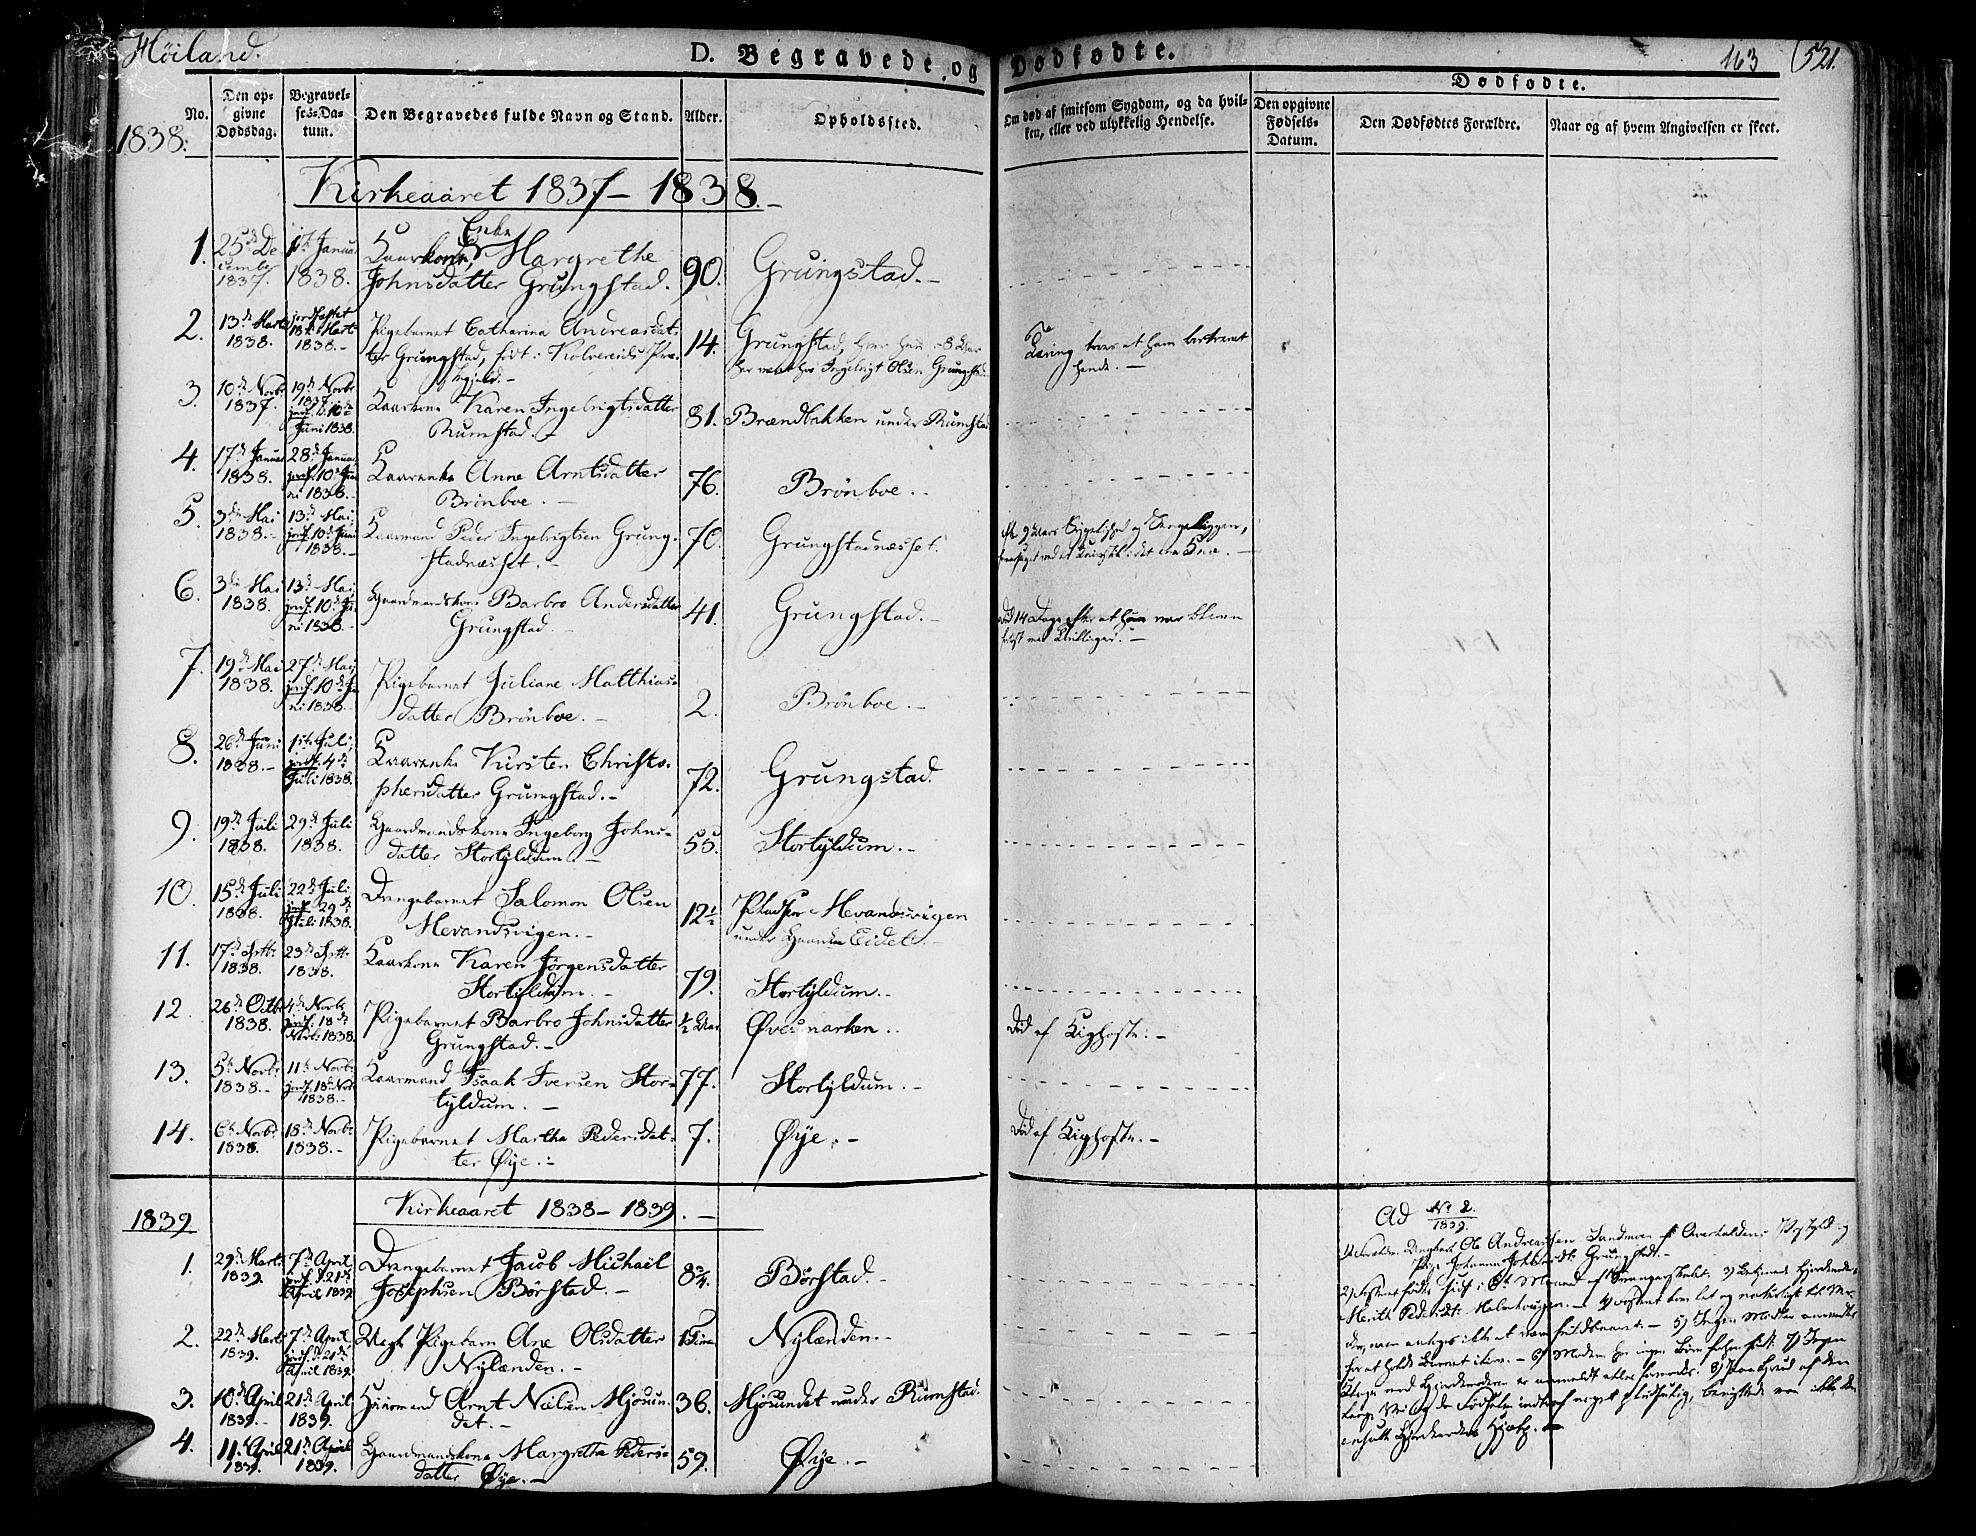 SAT, Ministerialprotokoller, klokkerbøker og fødselsregistre - Nord-Trøndelag, 758/L0510: Ministerialbok nr. 758A01 /2, 1821-1841, s. 163